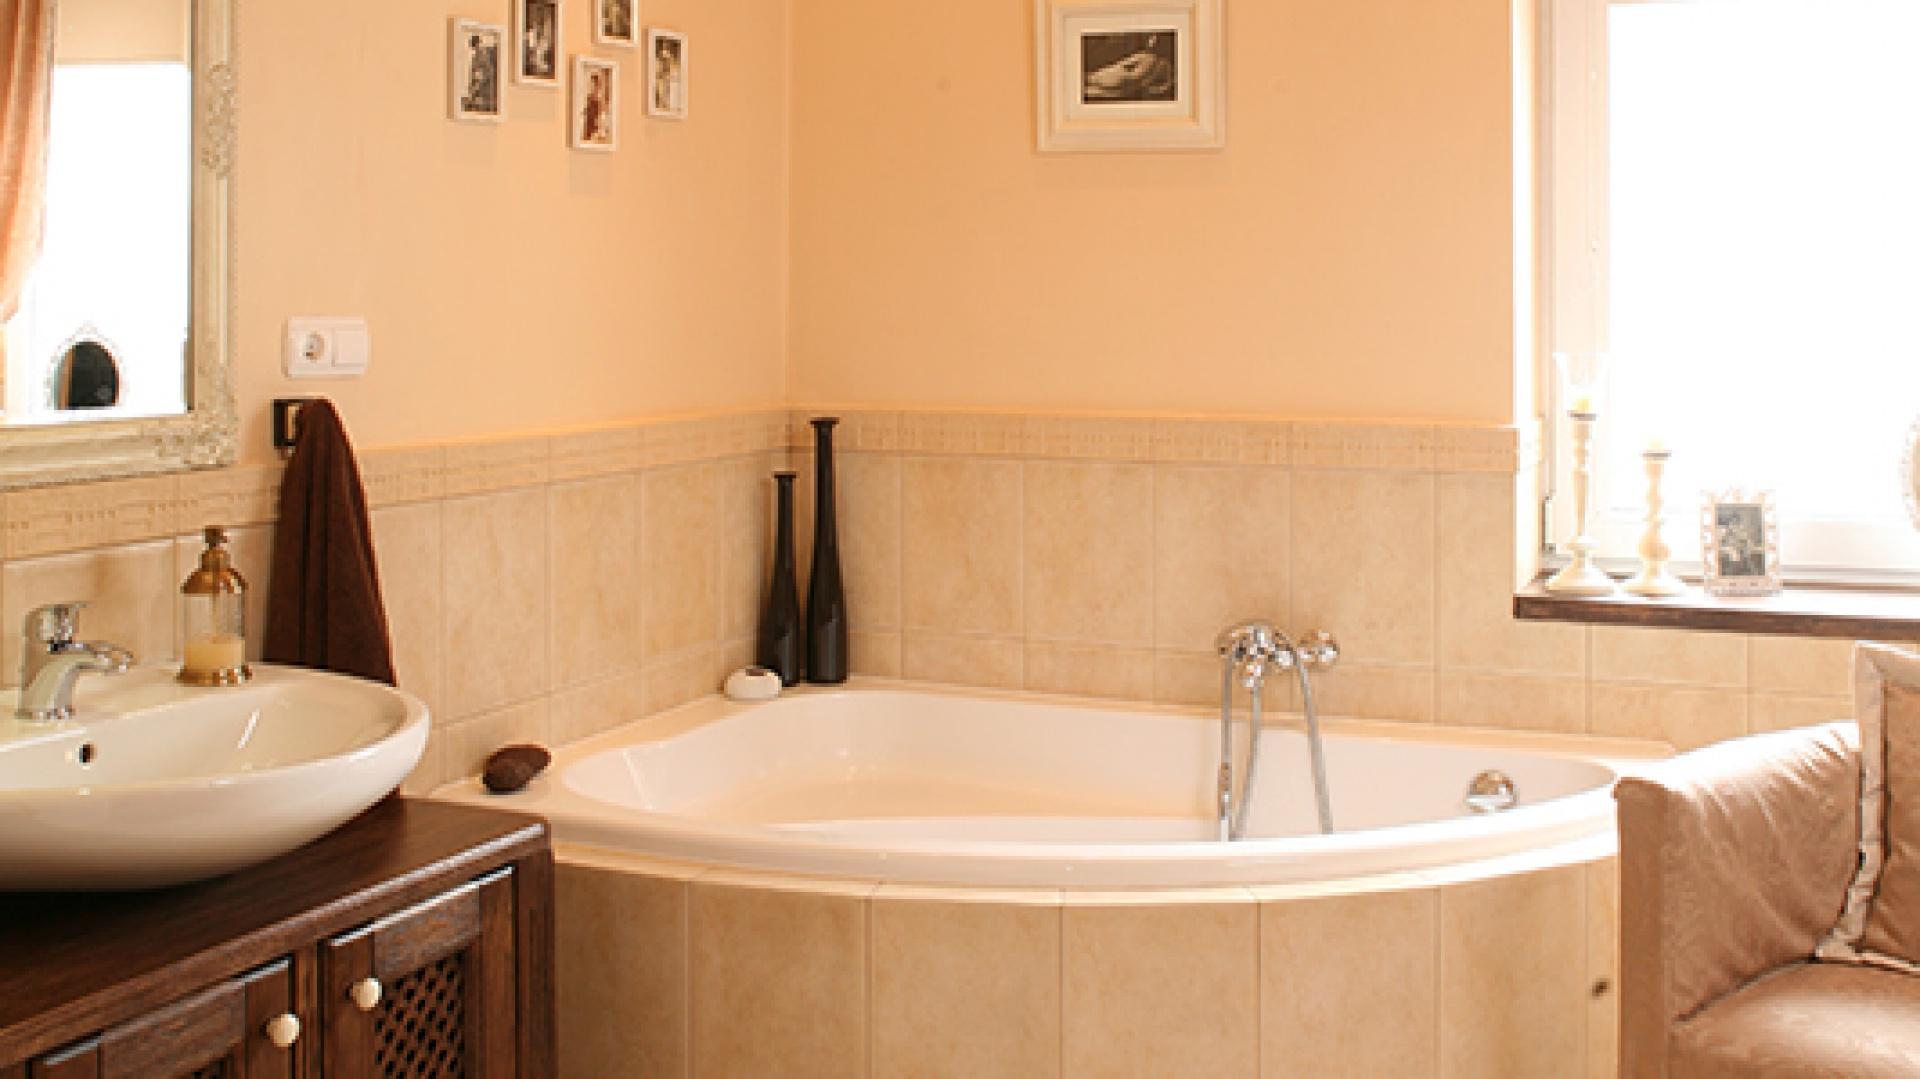 łazienka W Stylu Rustykalnym Przytulna I Ciepła